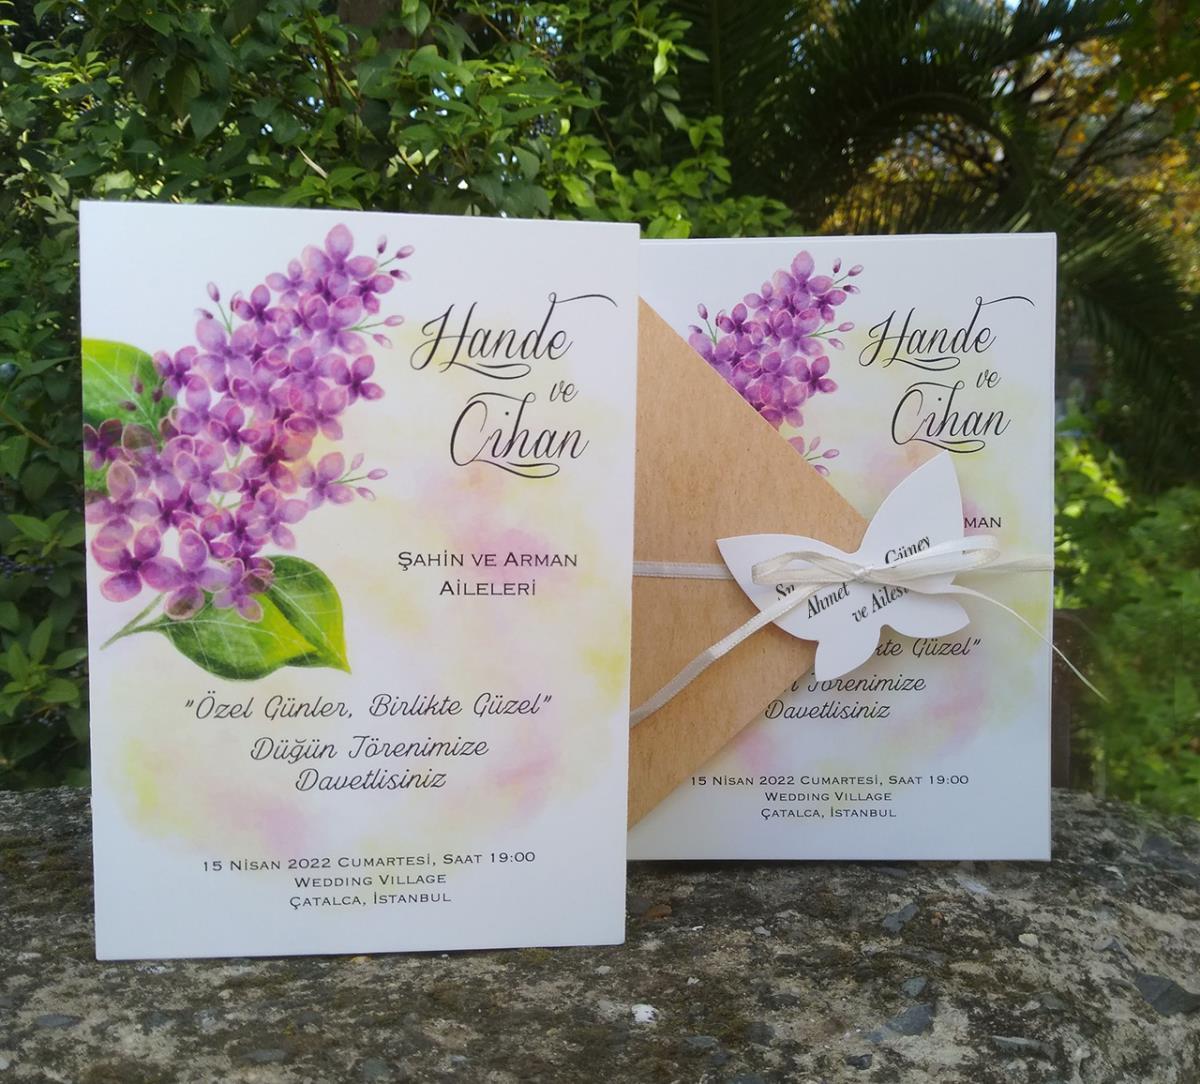 Suluboya sümbül dekor baskılı düğün davetiyesi. Kraft kapak ham ip ile bağlanmaktadır, dekor baskılı isimlik ve çiçek ile süslenmektedir.